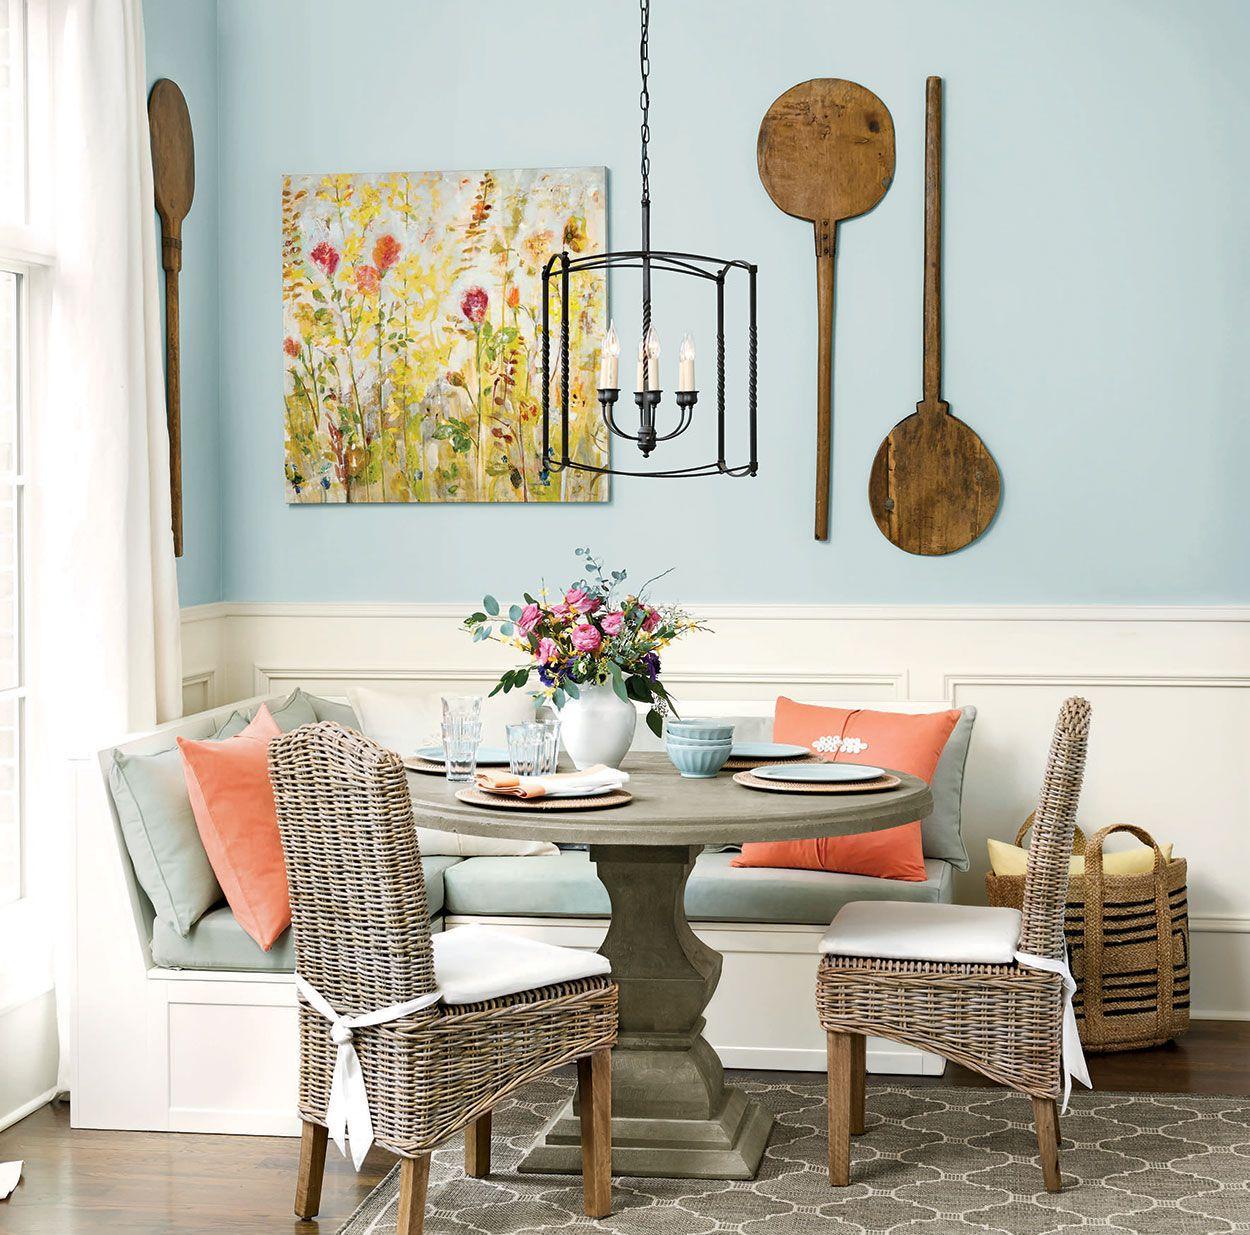 Dining Rooms Kitchen BanquetteKitchen